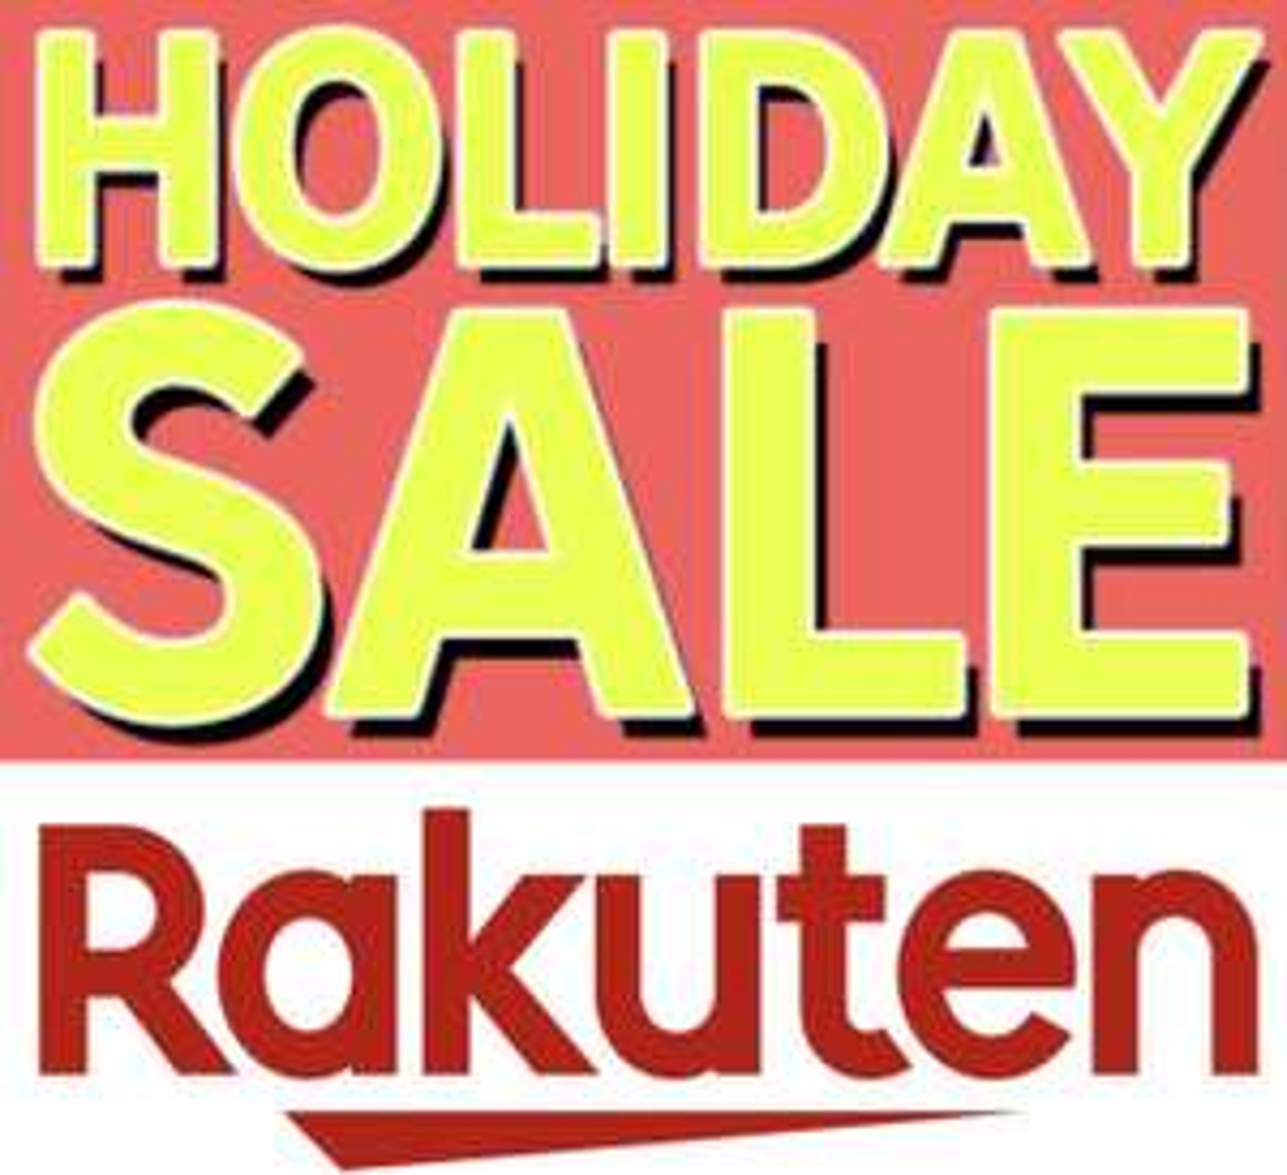 Ab 06. Juni: HOLIDAY-SALE mit 10% bzw. 15% Rabatt + 10-fache Superpunkte auf alles von Hunderten Rakuten Händlern